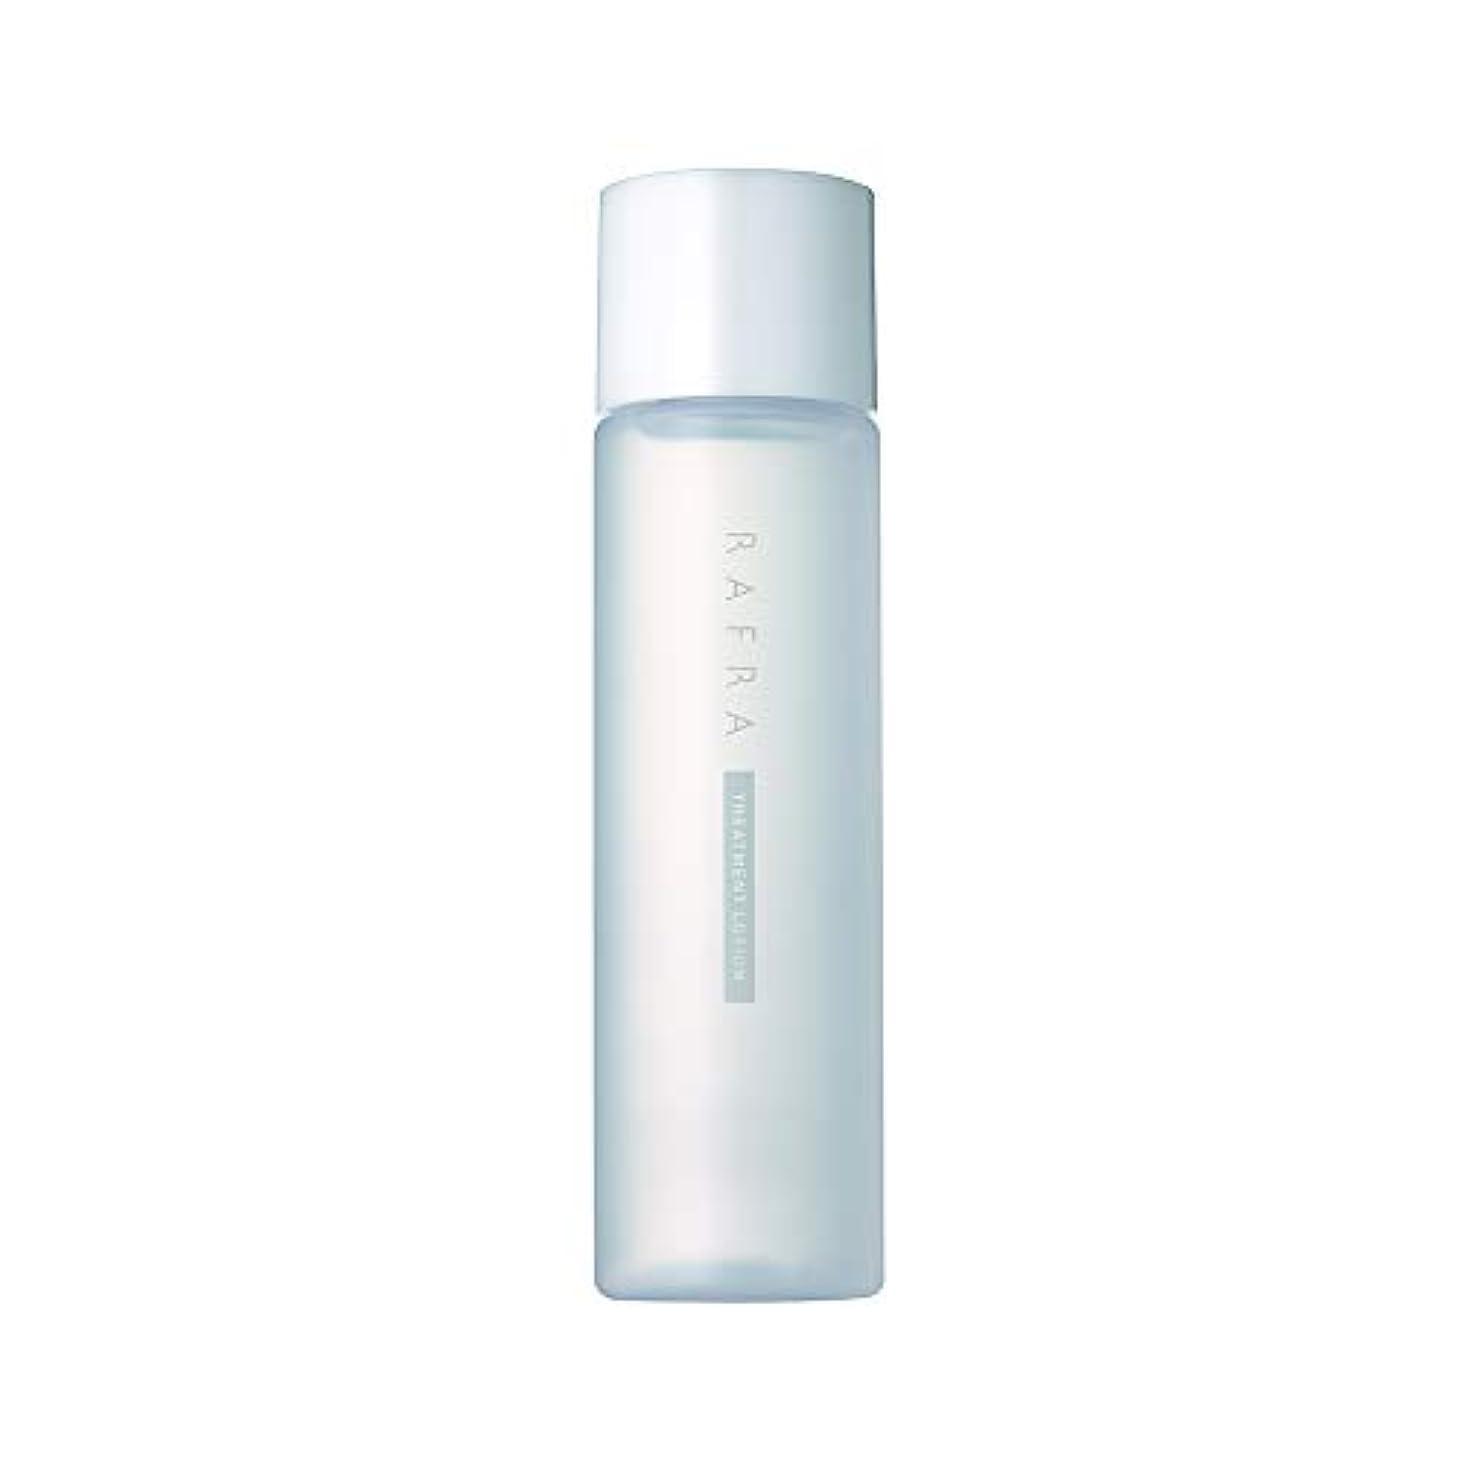 透けて見える月曜わずかにラフラ トリートメントローション 150ml 化粧水 ブースター 導入液